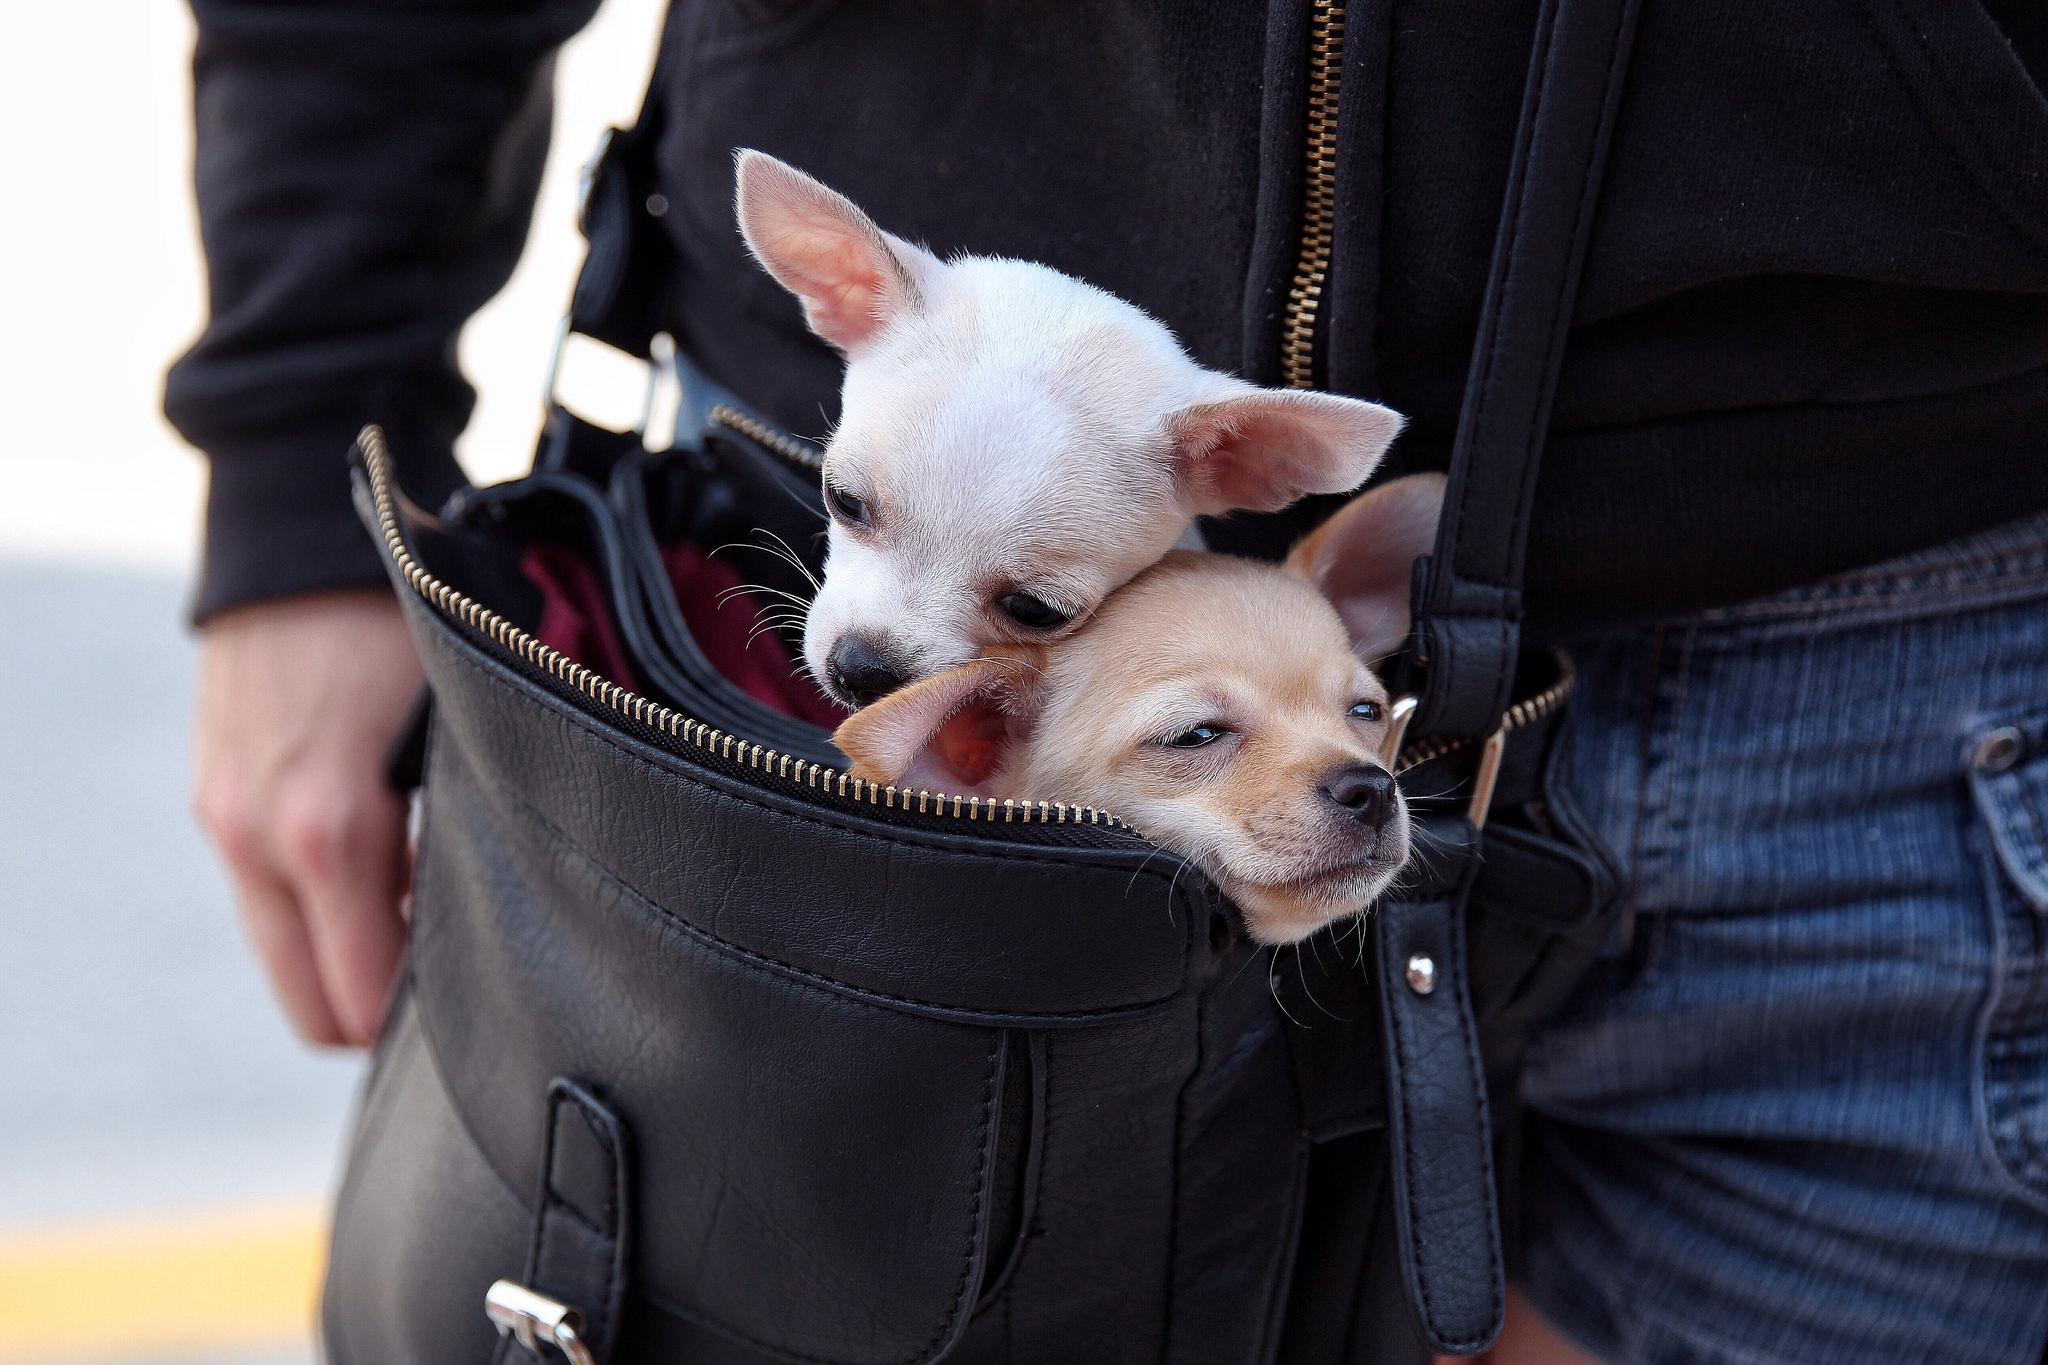 собака пакет сумка  № 1143249 без смс